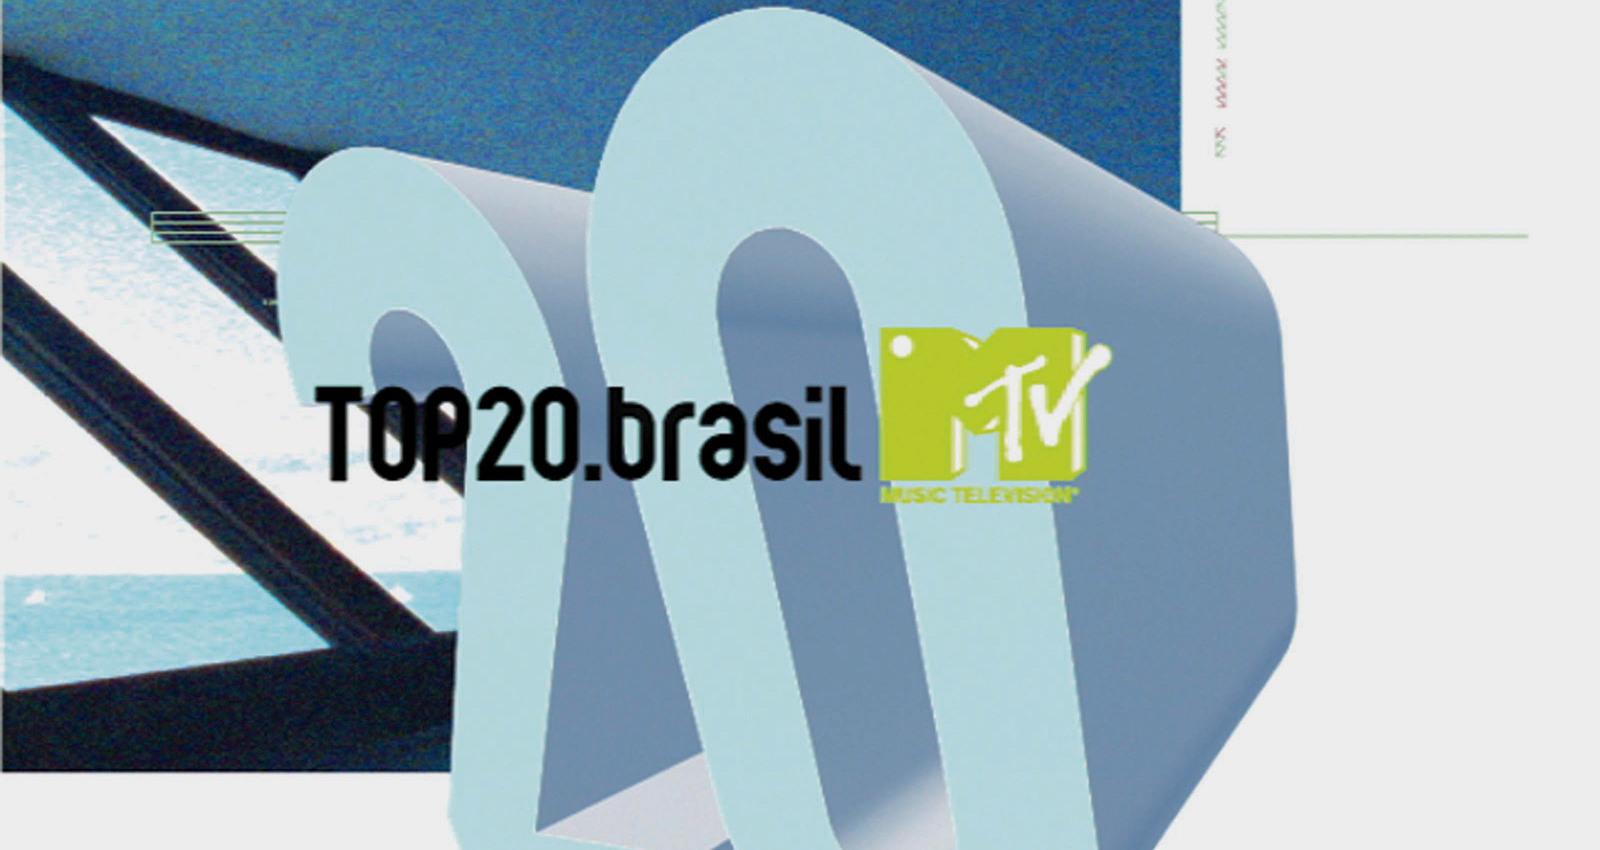 Top 20 Brasil